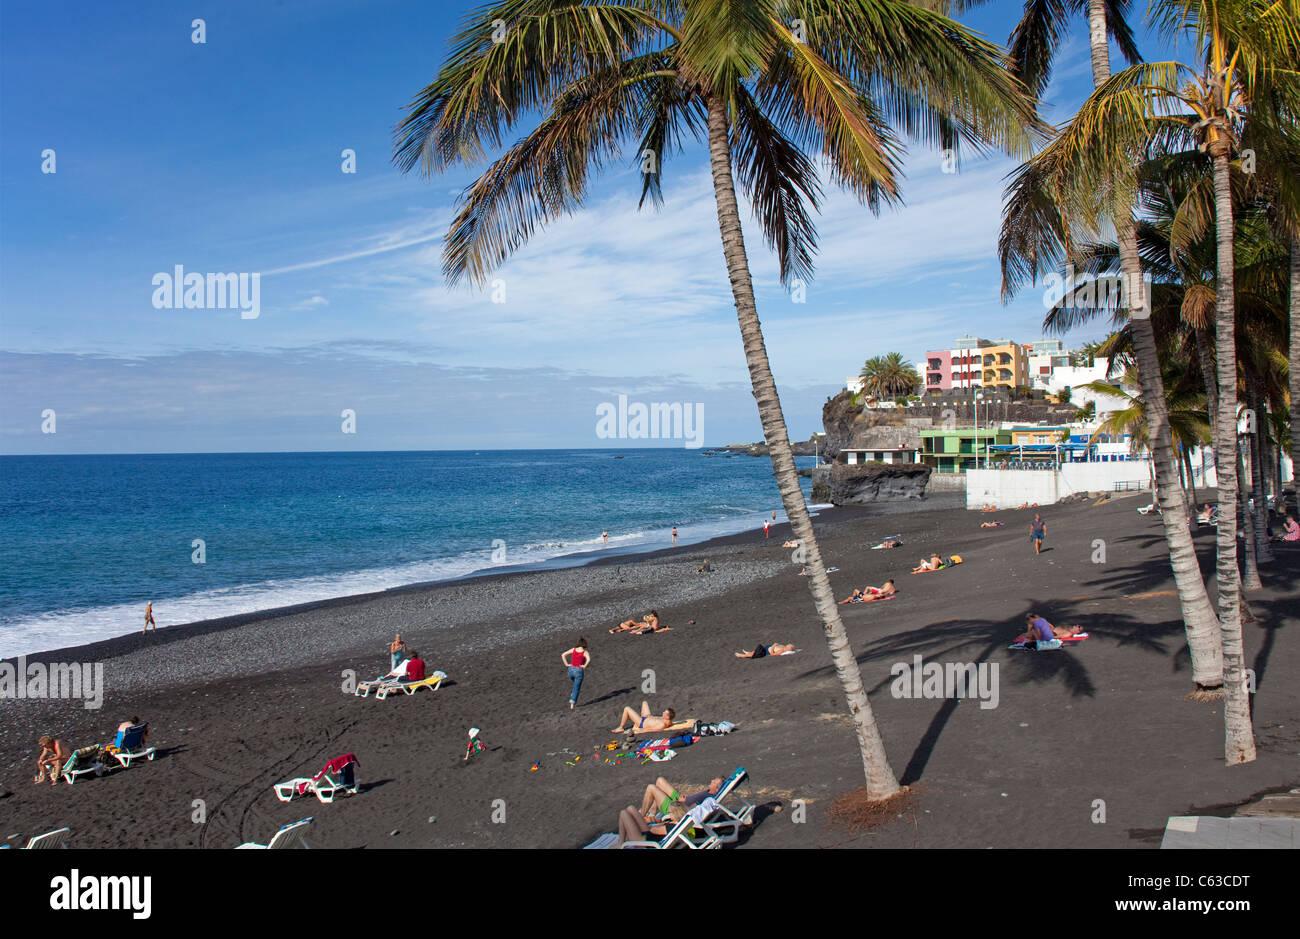 Menschen am Strand von Puerto Naos, La Palma, Kanarische Inseln, Spanien, Europa Stockbild